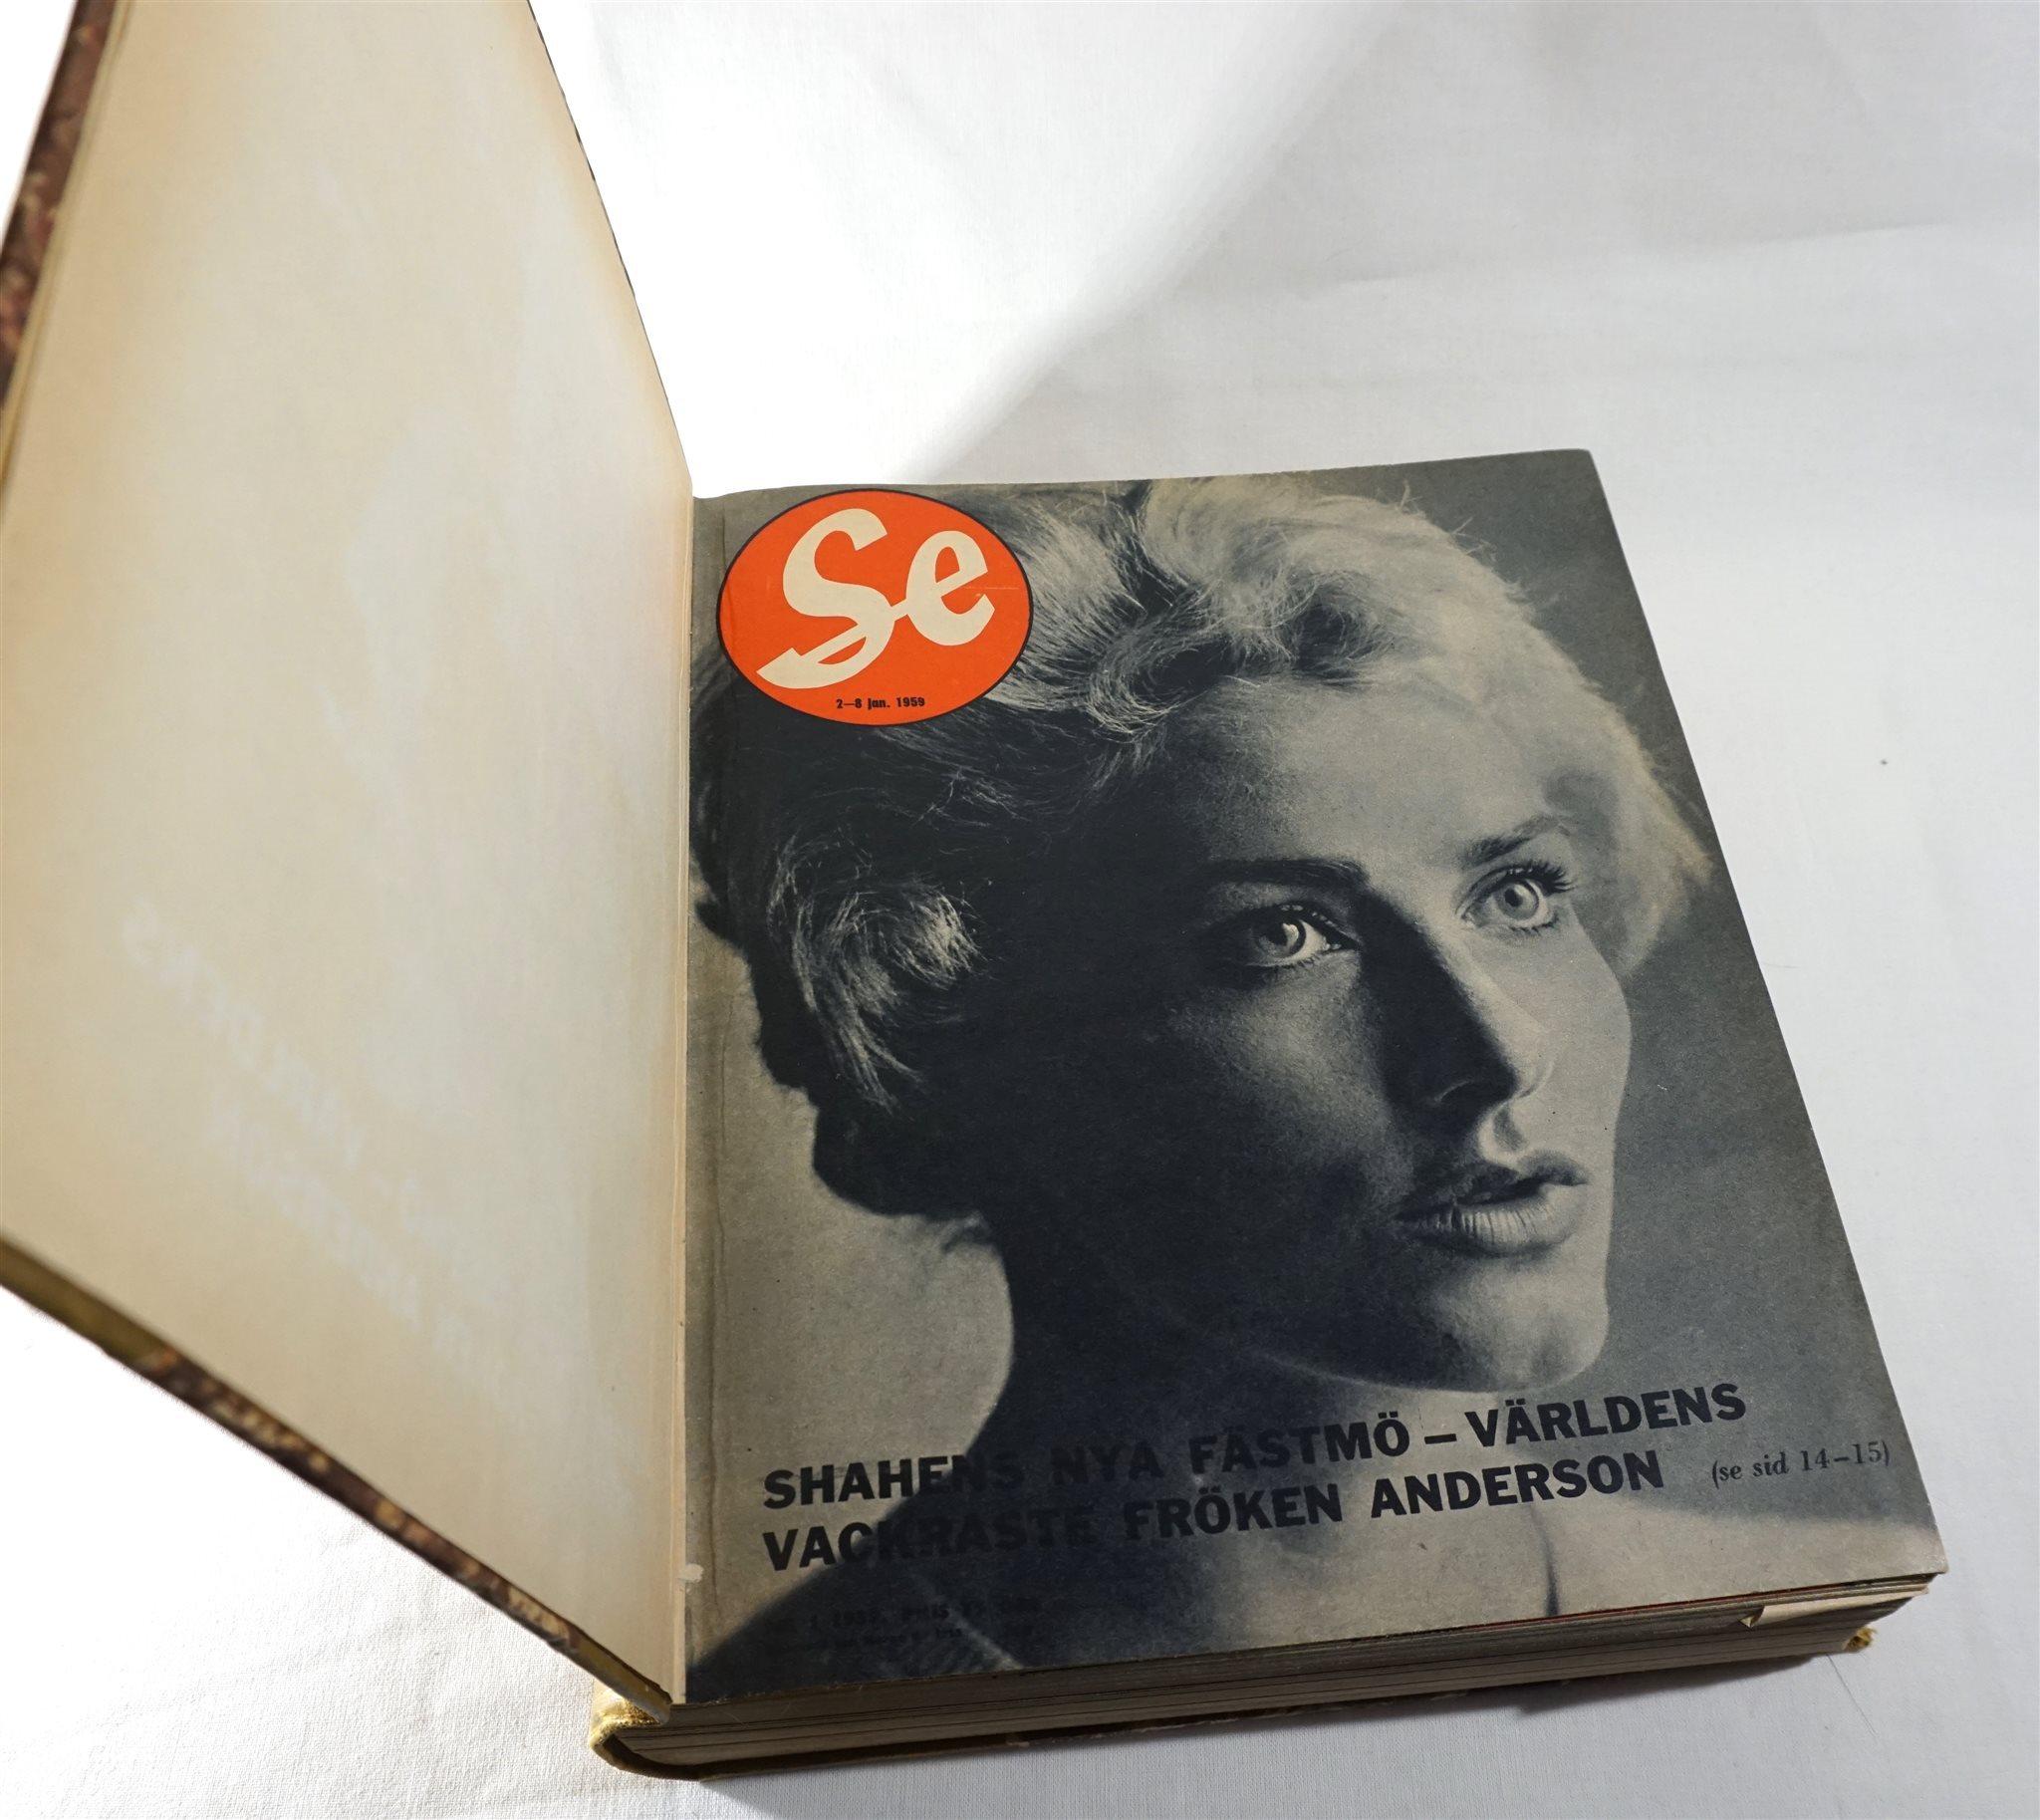 Tidningen SE Inbunden bok bok bok år 1959 1 (av 2) Ingo, Ingrid Bergman osv be7384